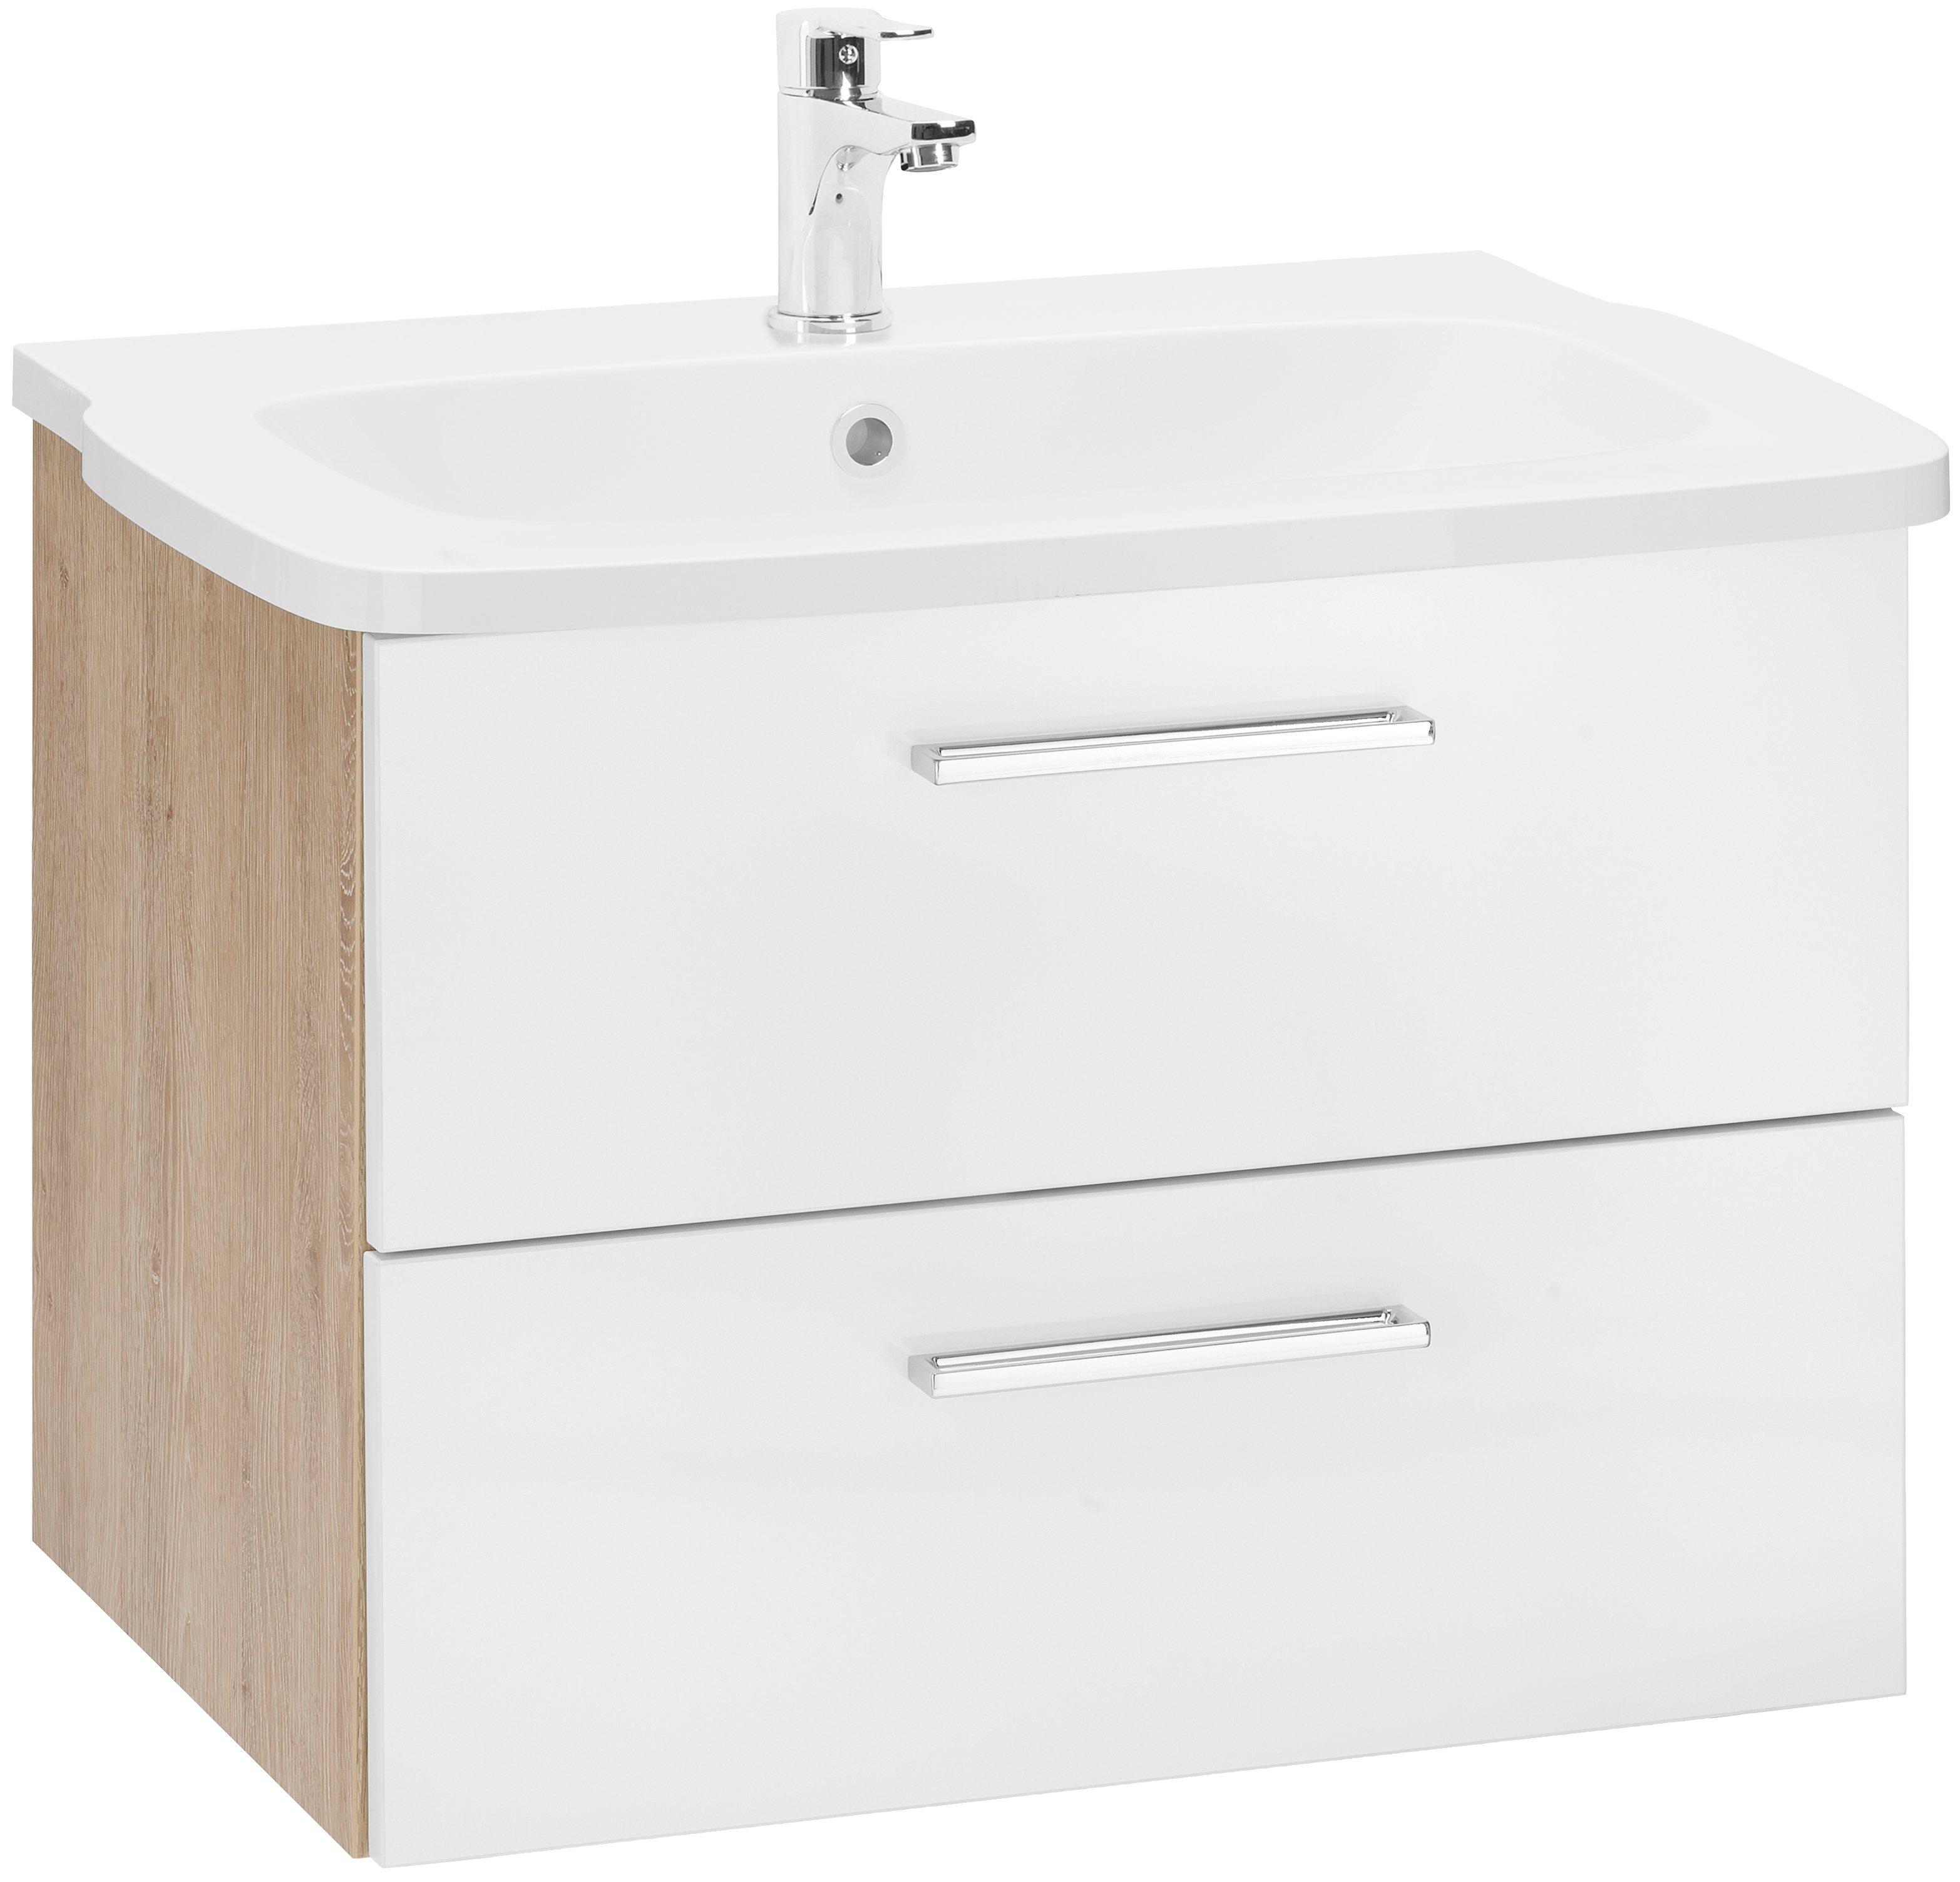 OPTIFIT Waschtisch »Samoa« | Bad > Badmöbel > Badmöbel-Sets | Weiß | Glänzend | OPTIFIT